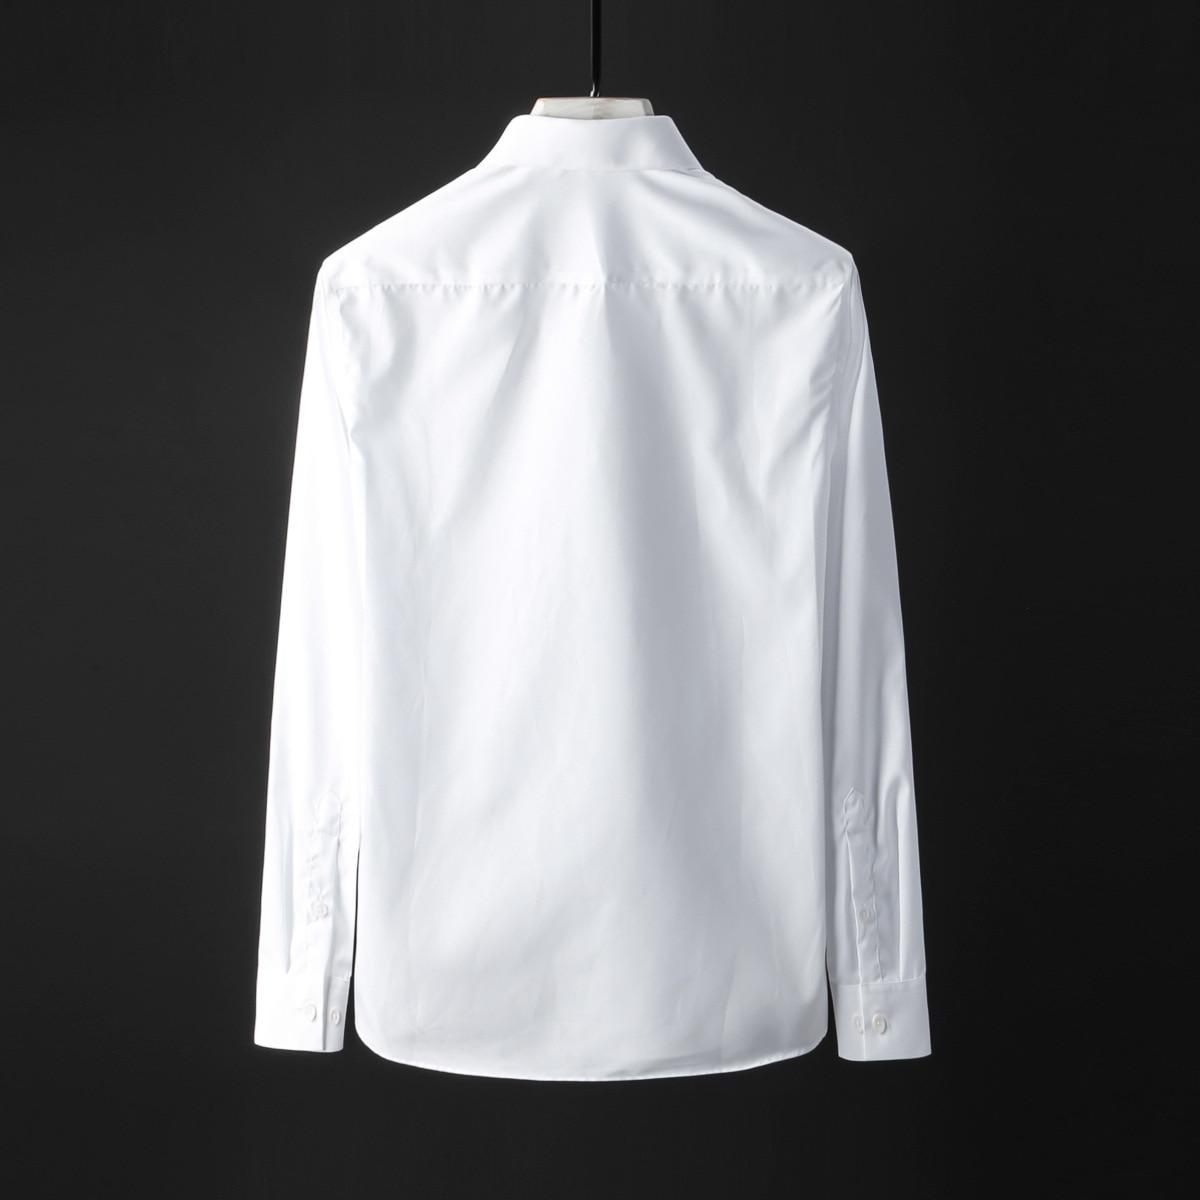 Hommes Camisa Mode Résine À Coton Casual Patte Chemise De Longues Manches Imprimé Slim Luxe Fit black 100 Chemises Masculina White ancBqw51PP